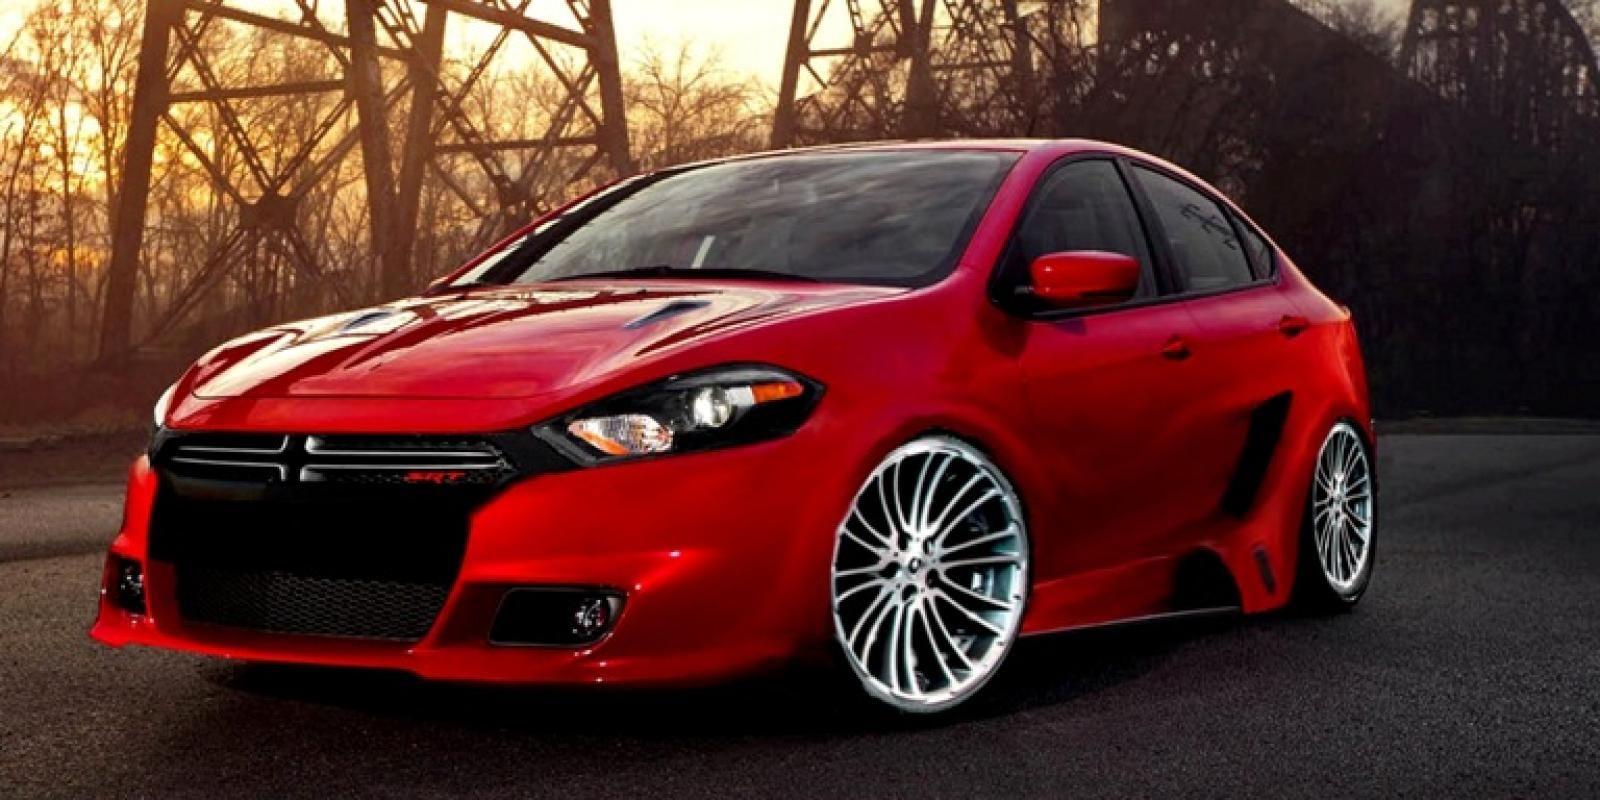 2016 Dodge Dart Srt